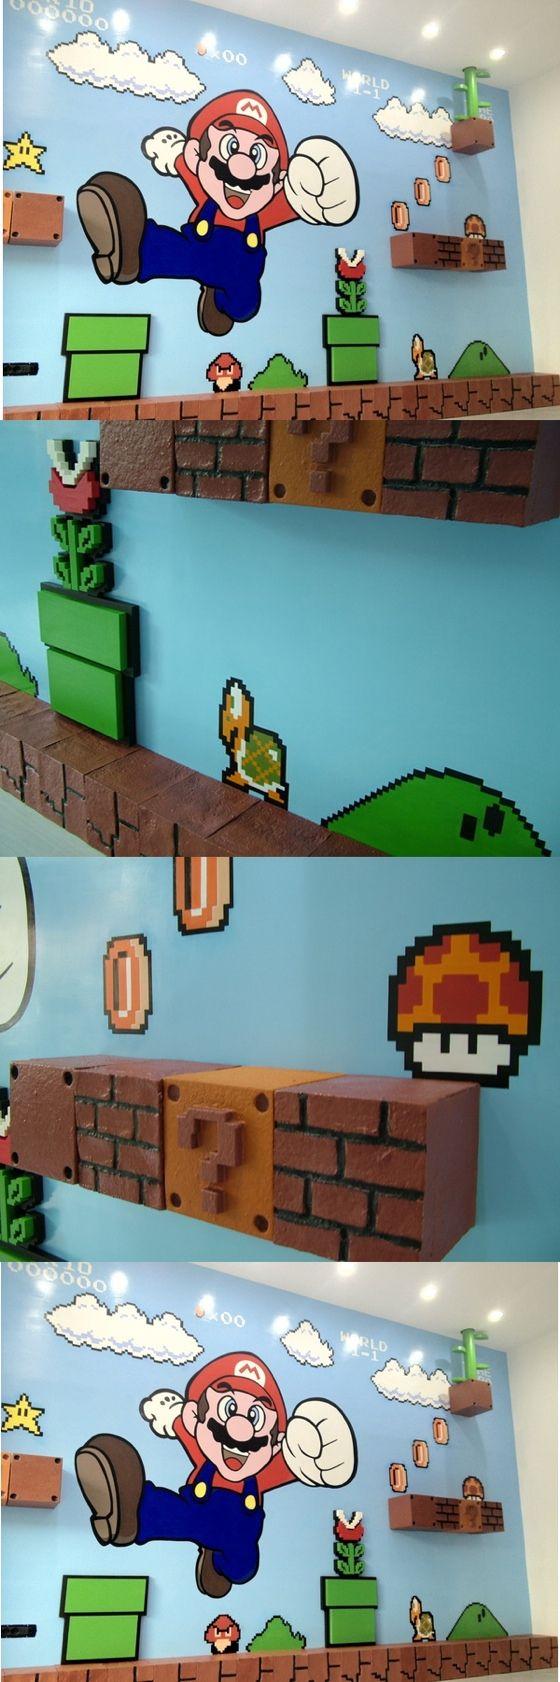 Amazing-3D-Super-Mario-Bros-Mural-6.jpg (560×1682)